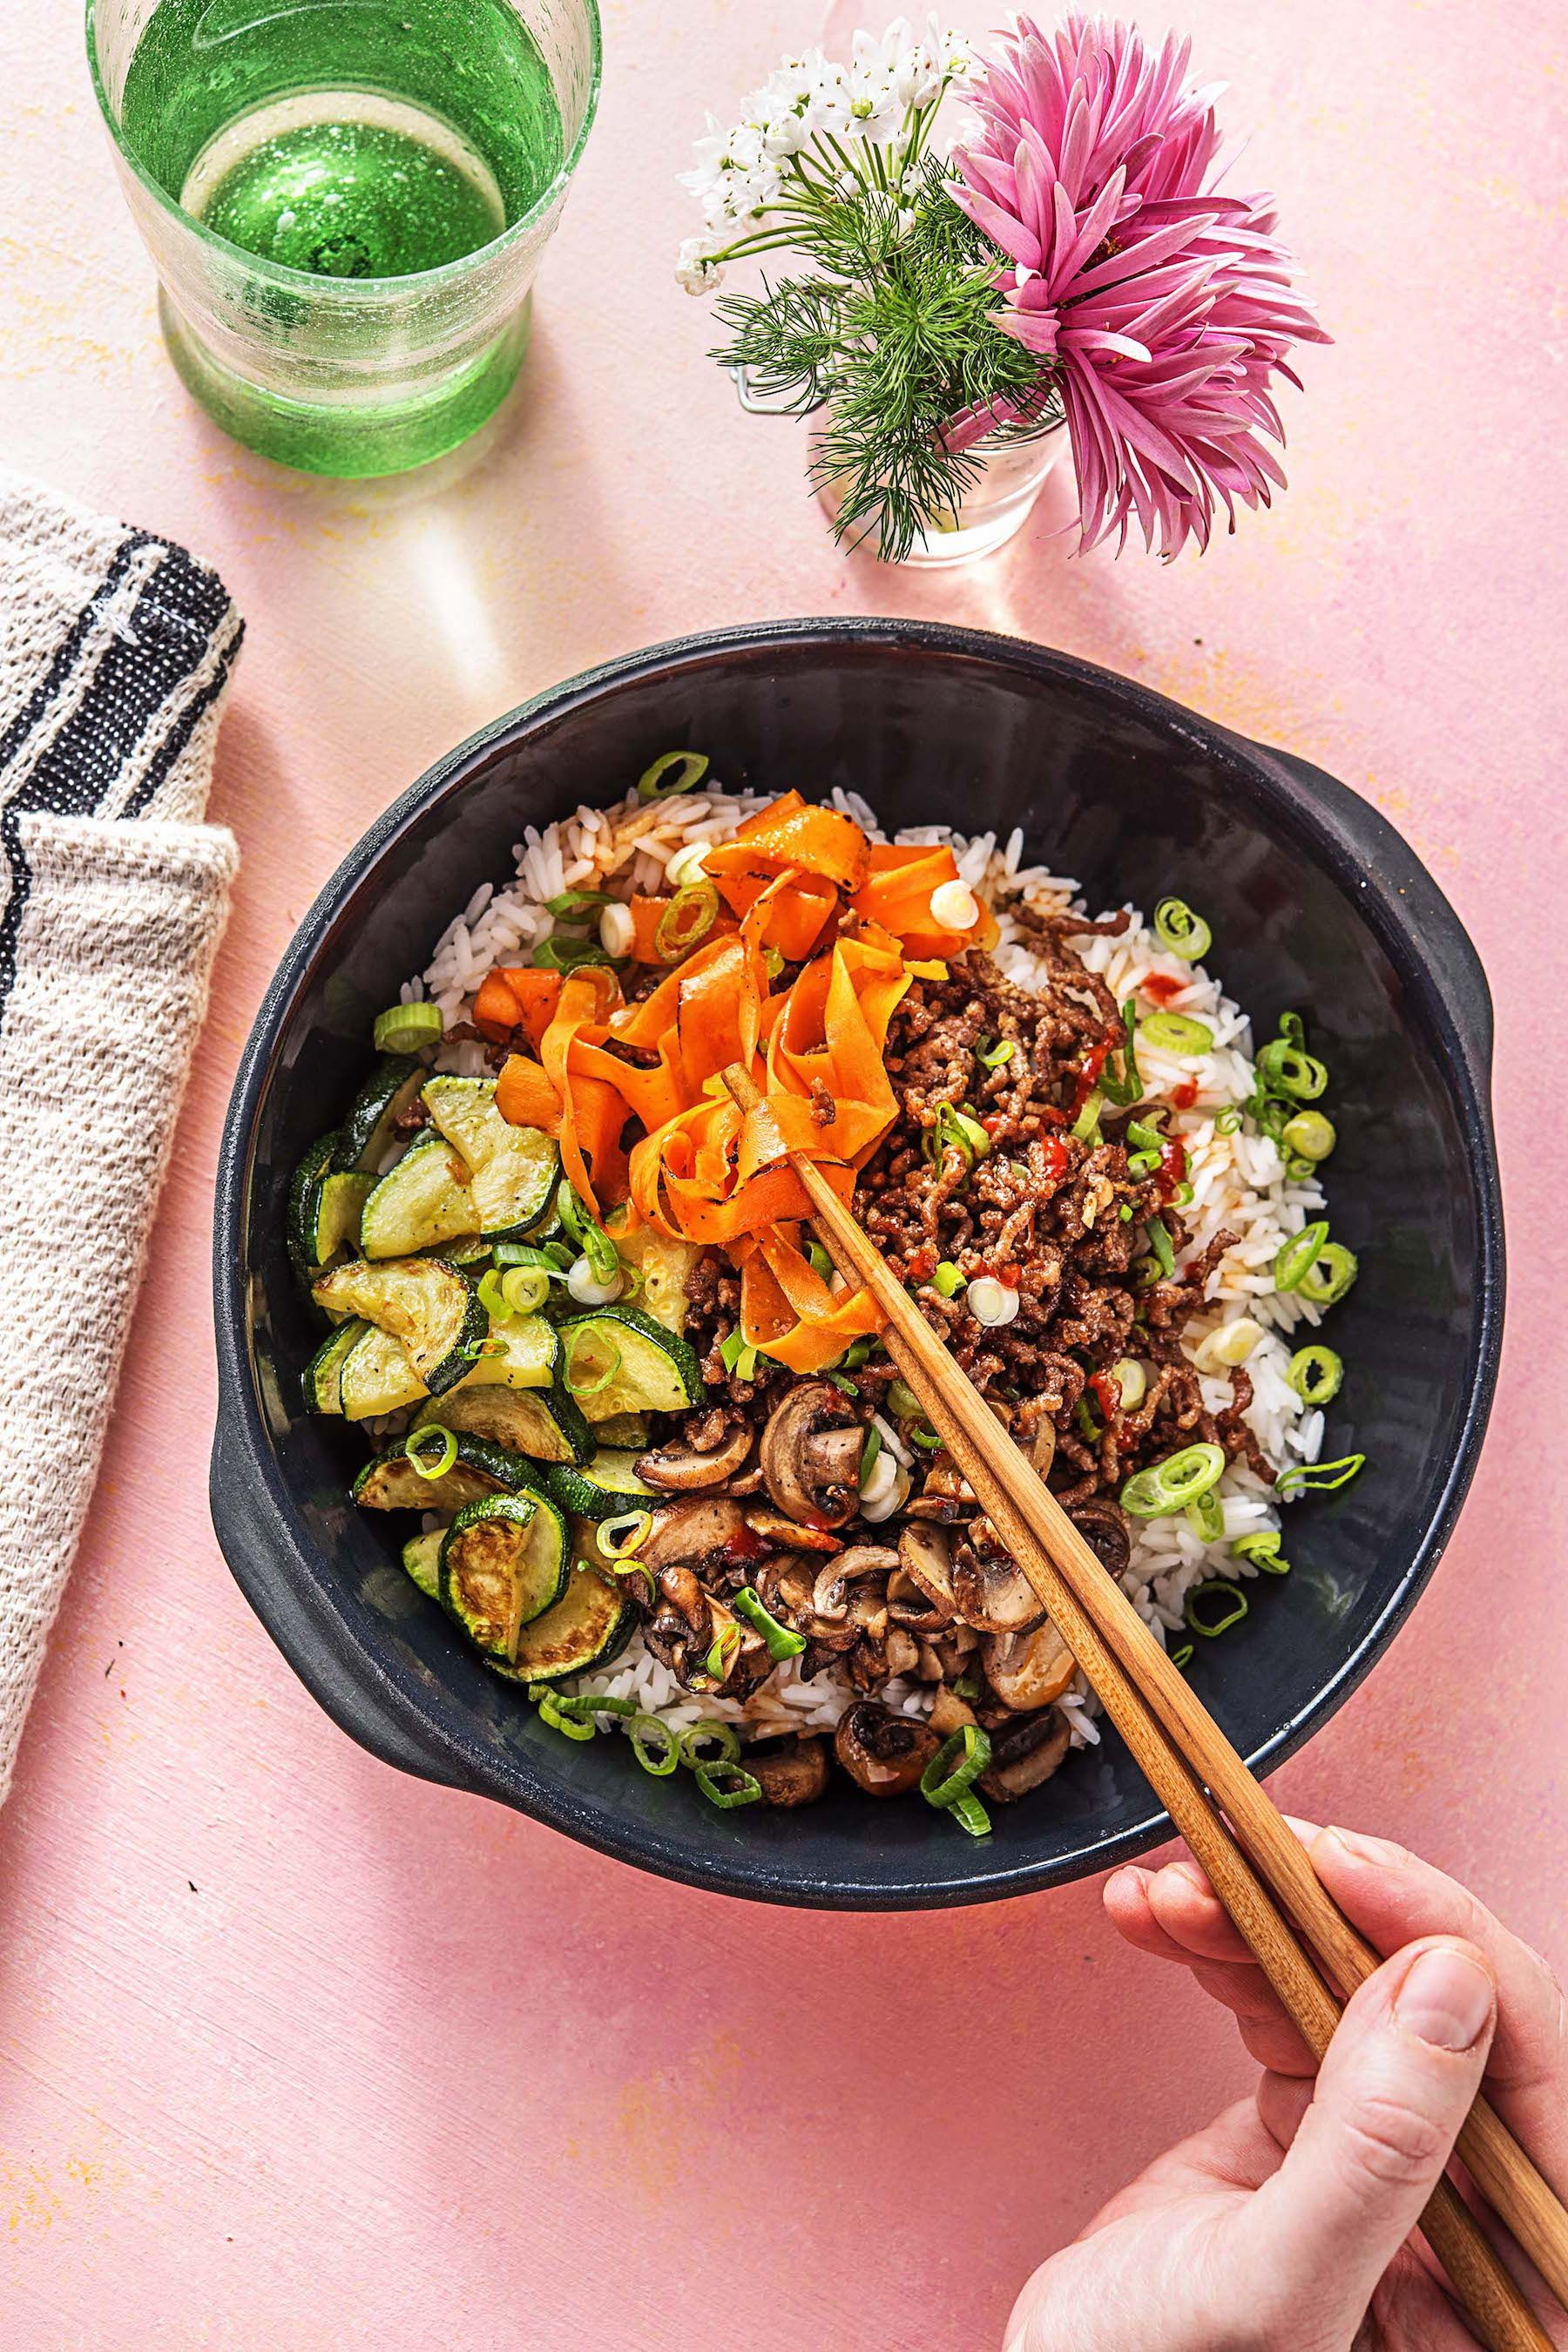 Korean Beef Bibimbap With Zucchini Mushrooms And Carrots